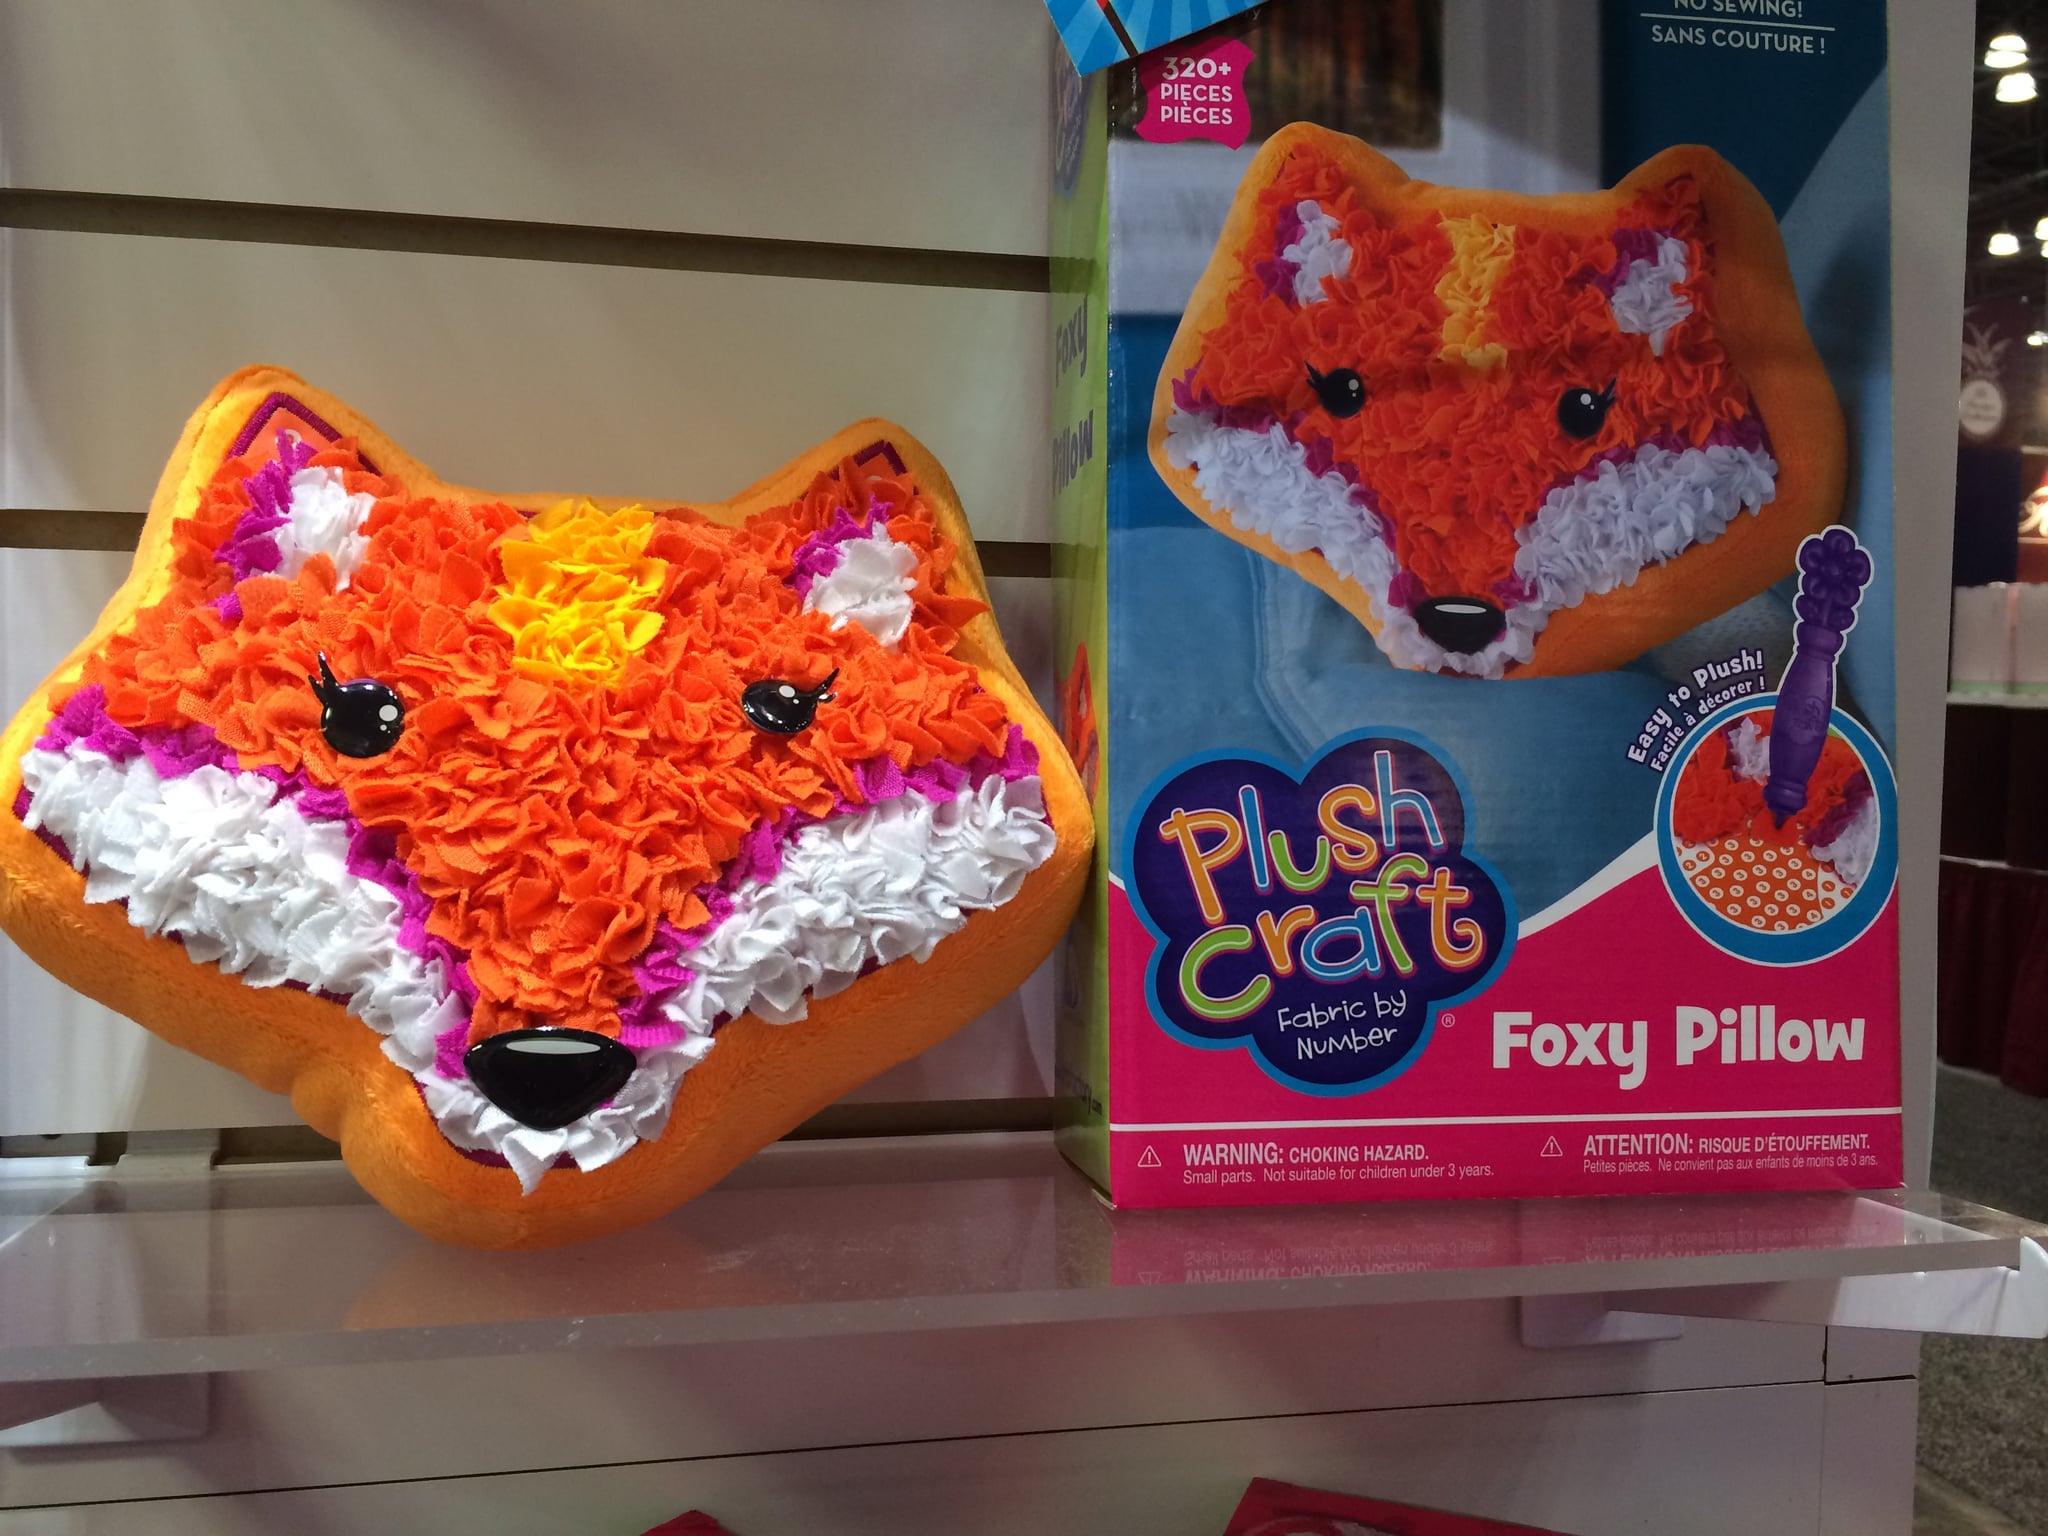 Plush Craft Foxy Pillow